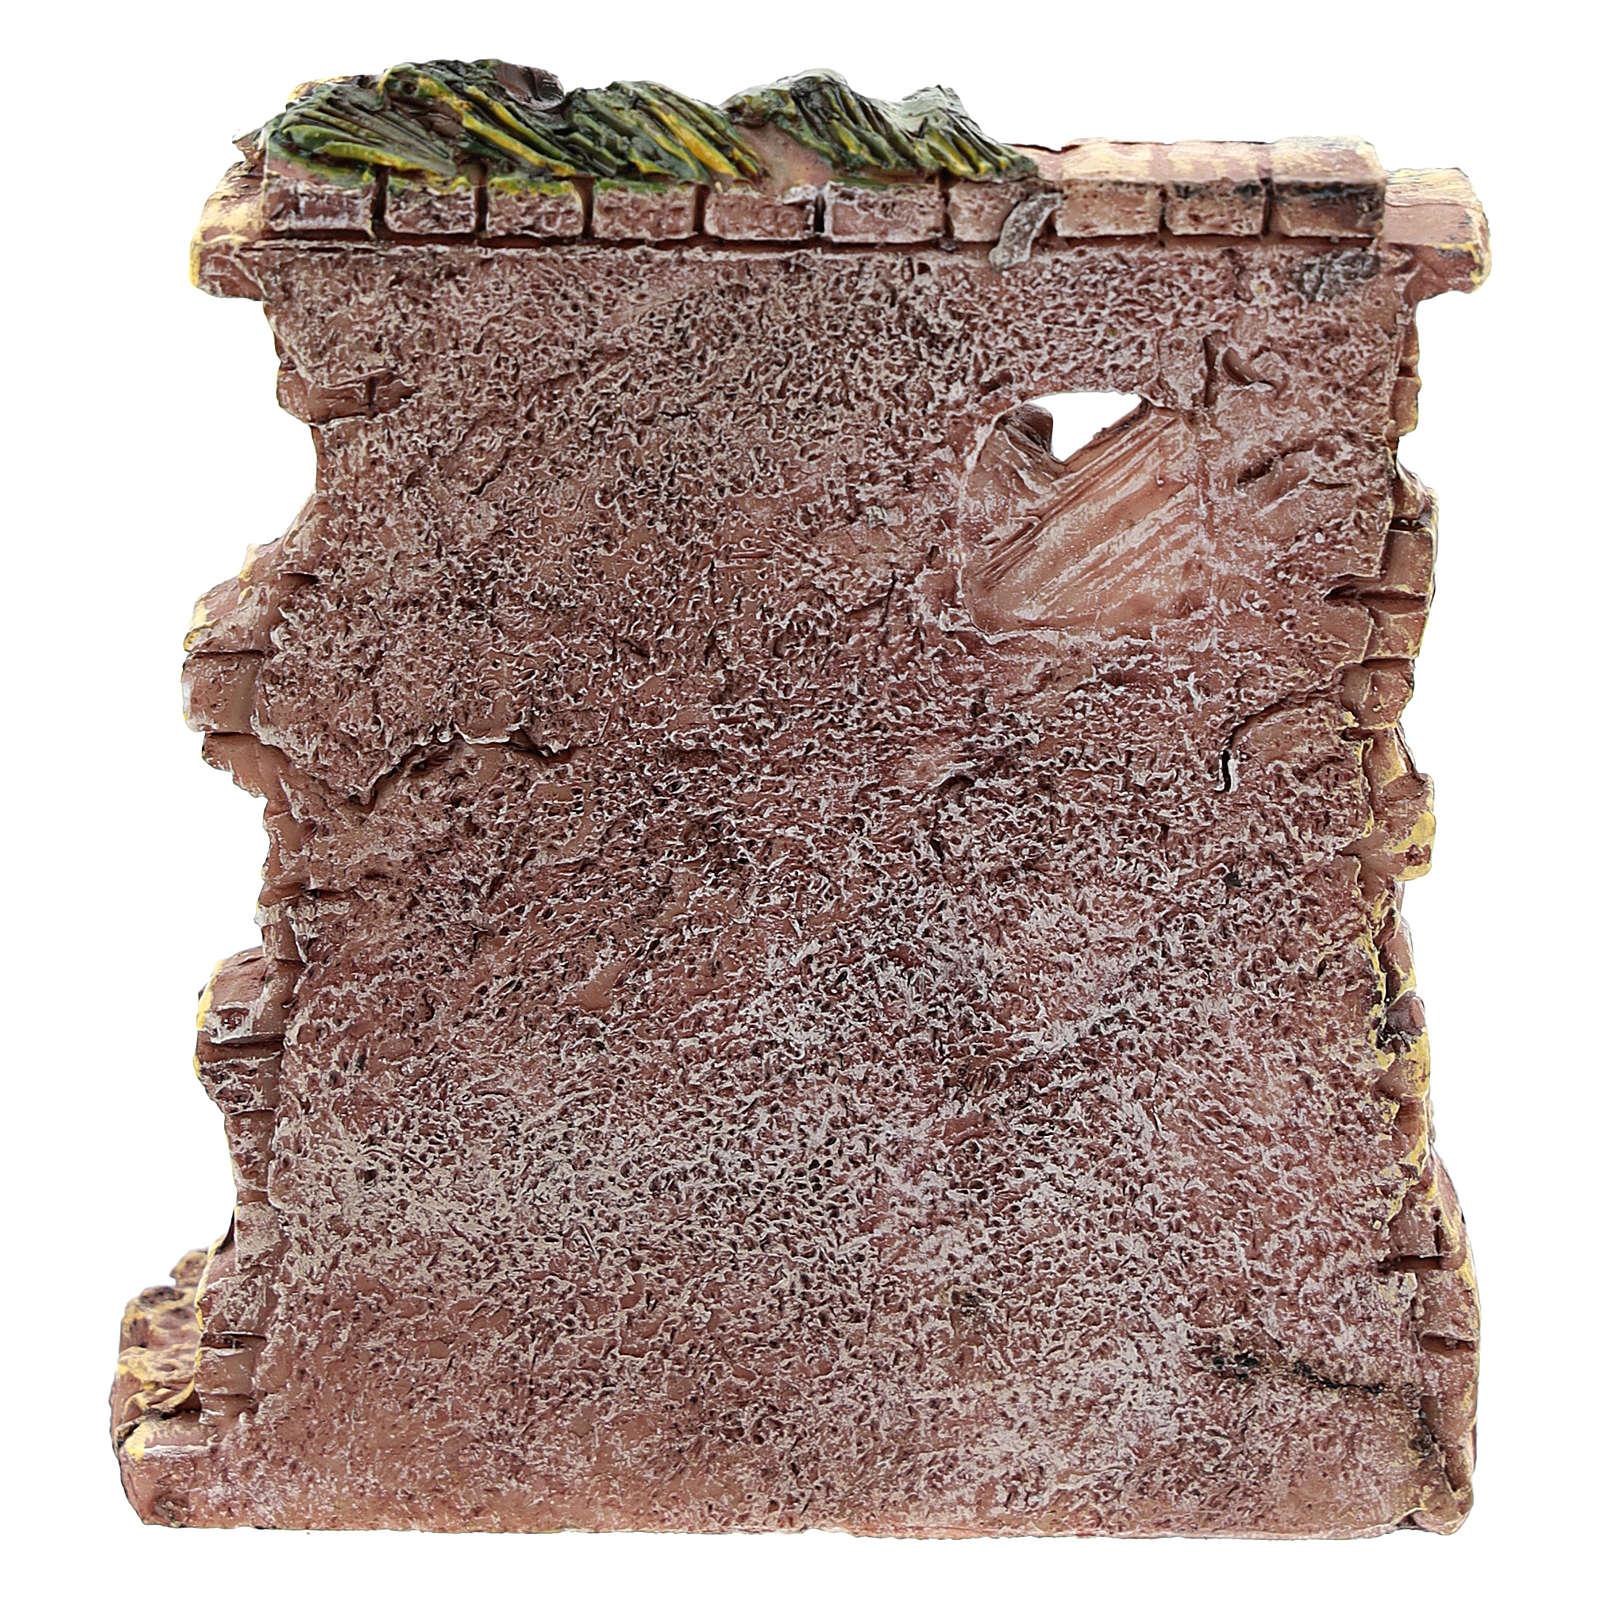 Tienda panadero de resina 10x8x4 cm para belén 6-8 cm 4